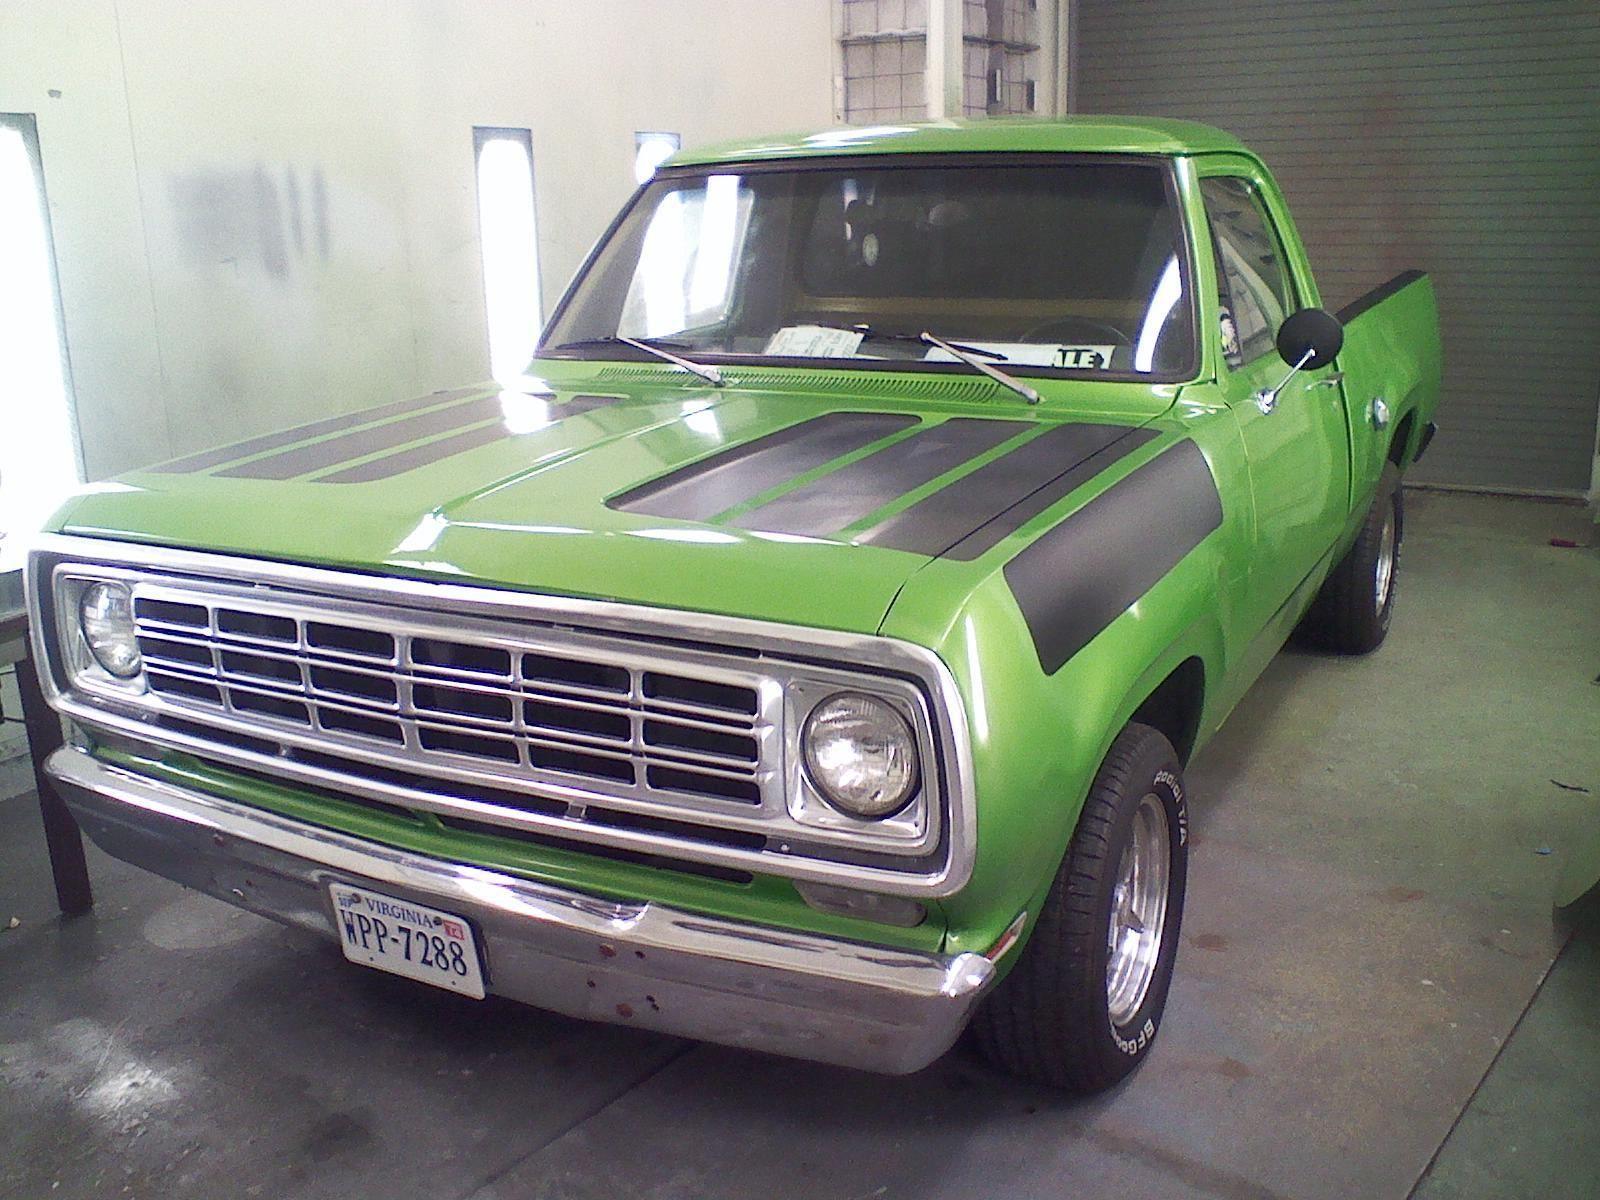 1976 Dodge D100 Short Bed Truck 1976 Dodge Other Pickups Old Dodge Trucks Dodge Pickup Trucks Dodge Pickup